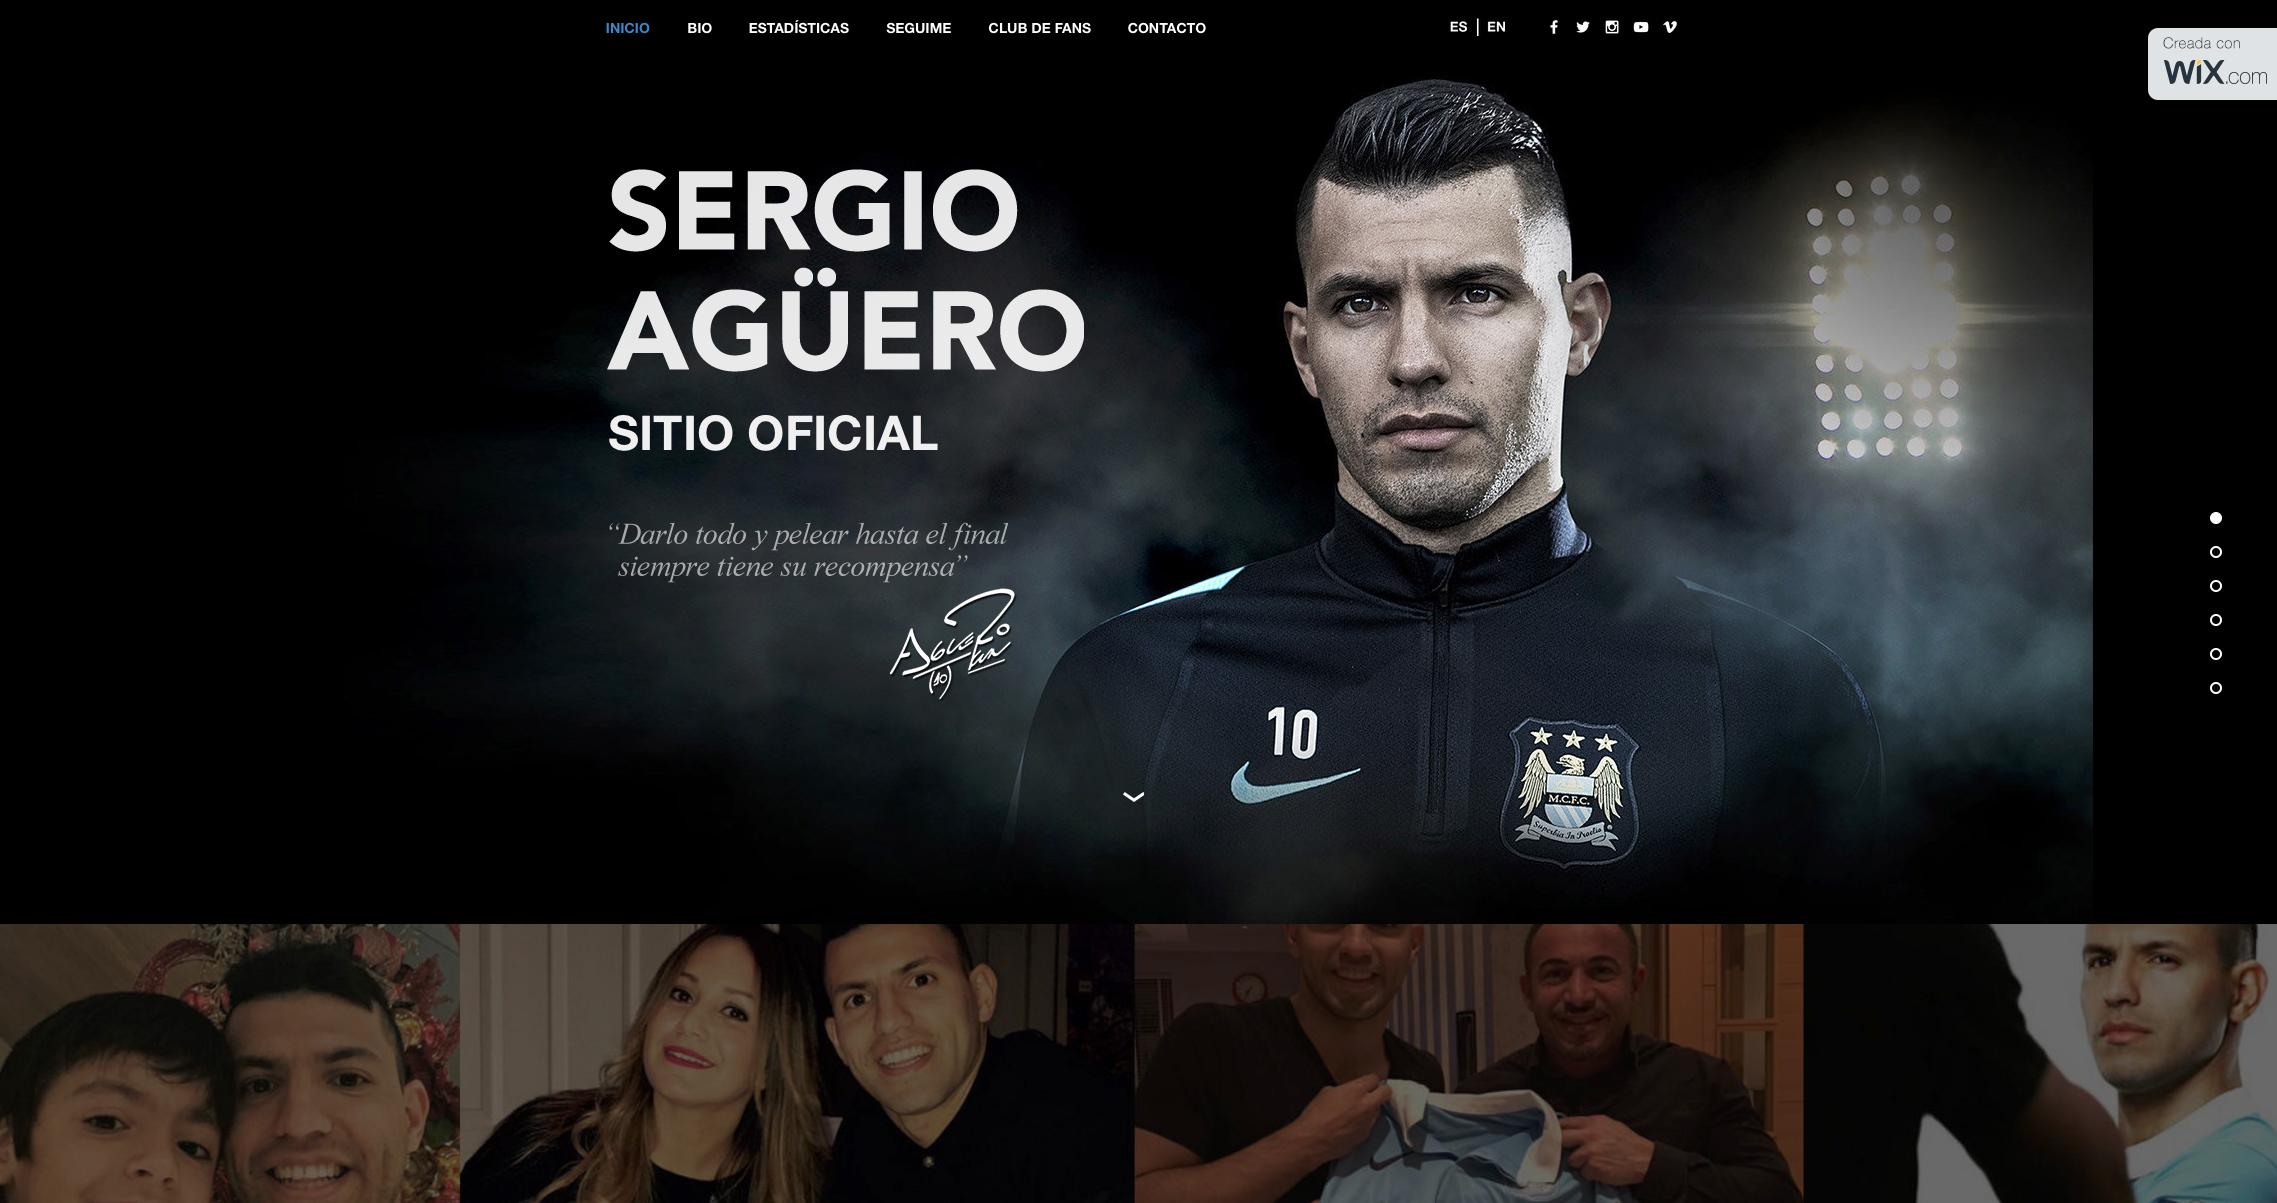 SERGIO AGUERO FOR WIX